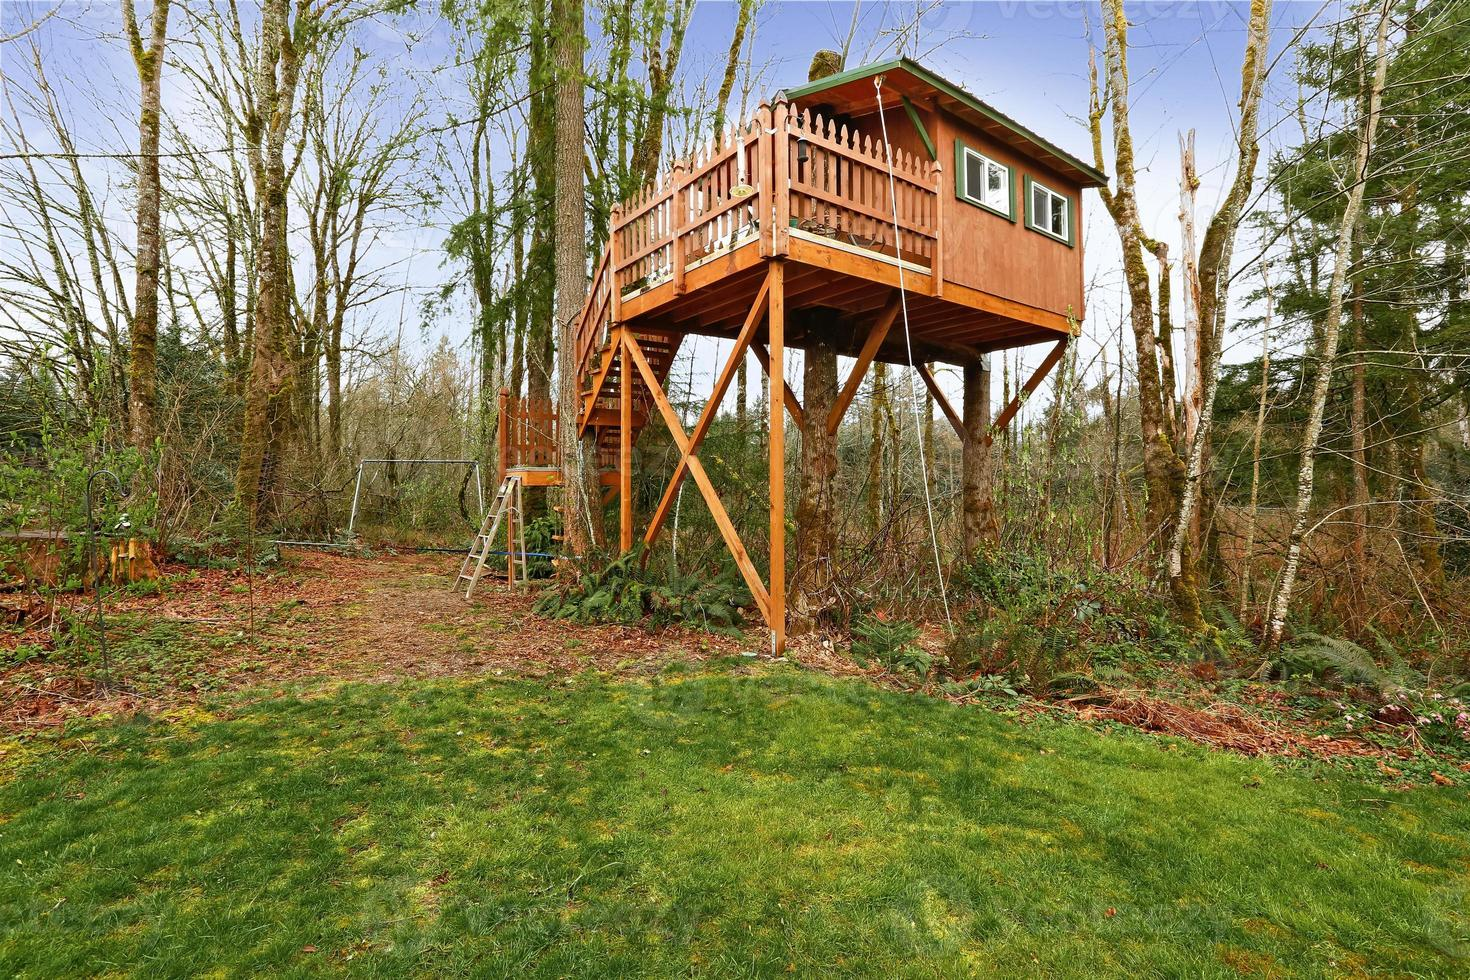 casa na árvore com deck e escadas paralisantes foto